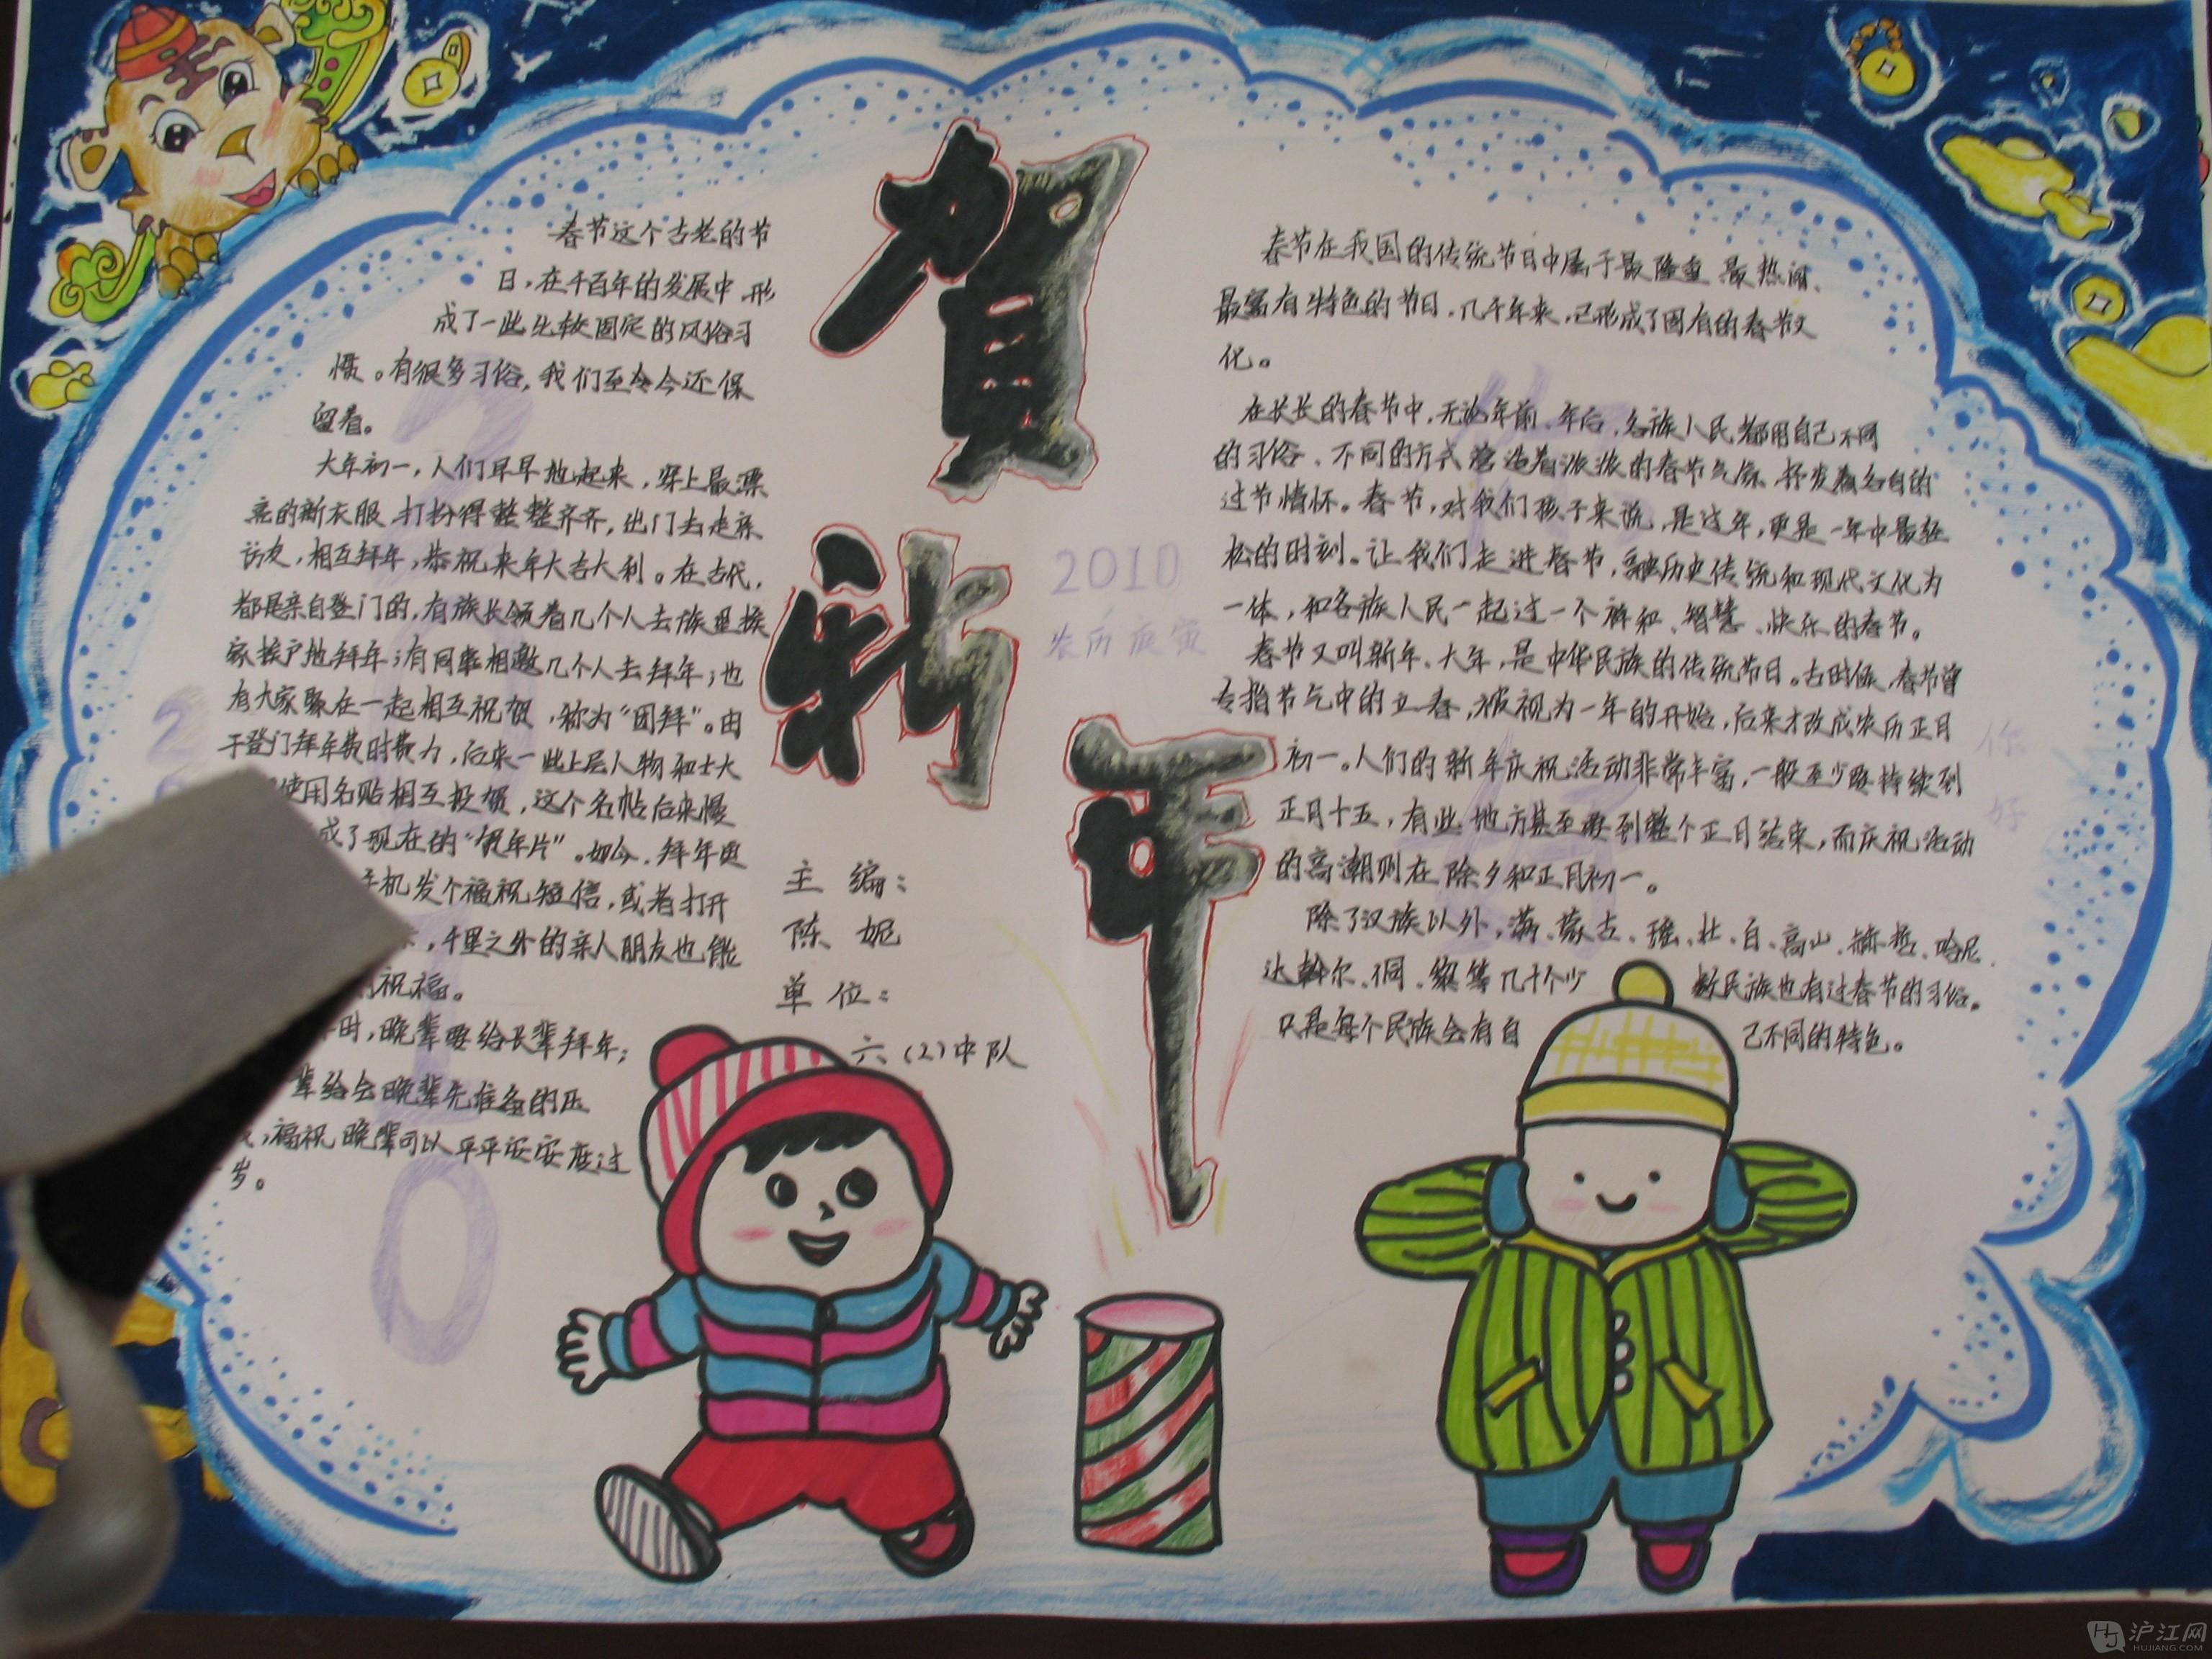 春节手抄报资料:2013蛇年新年贺词-打印版式